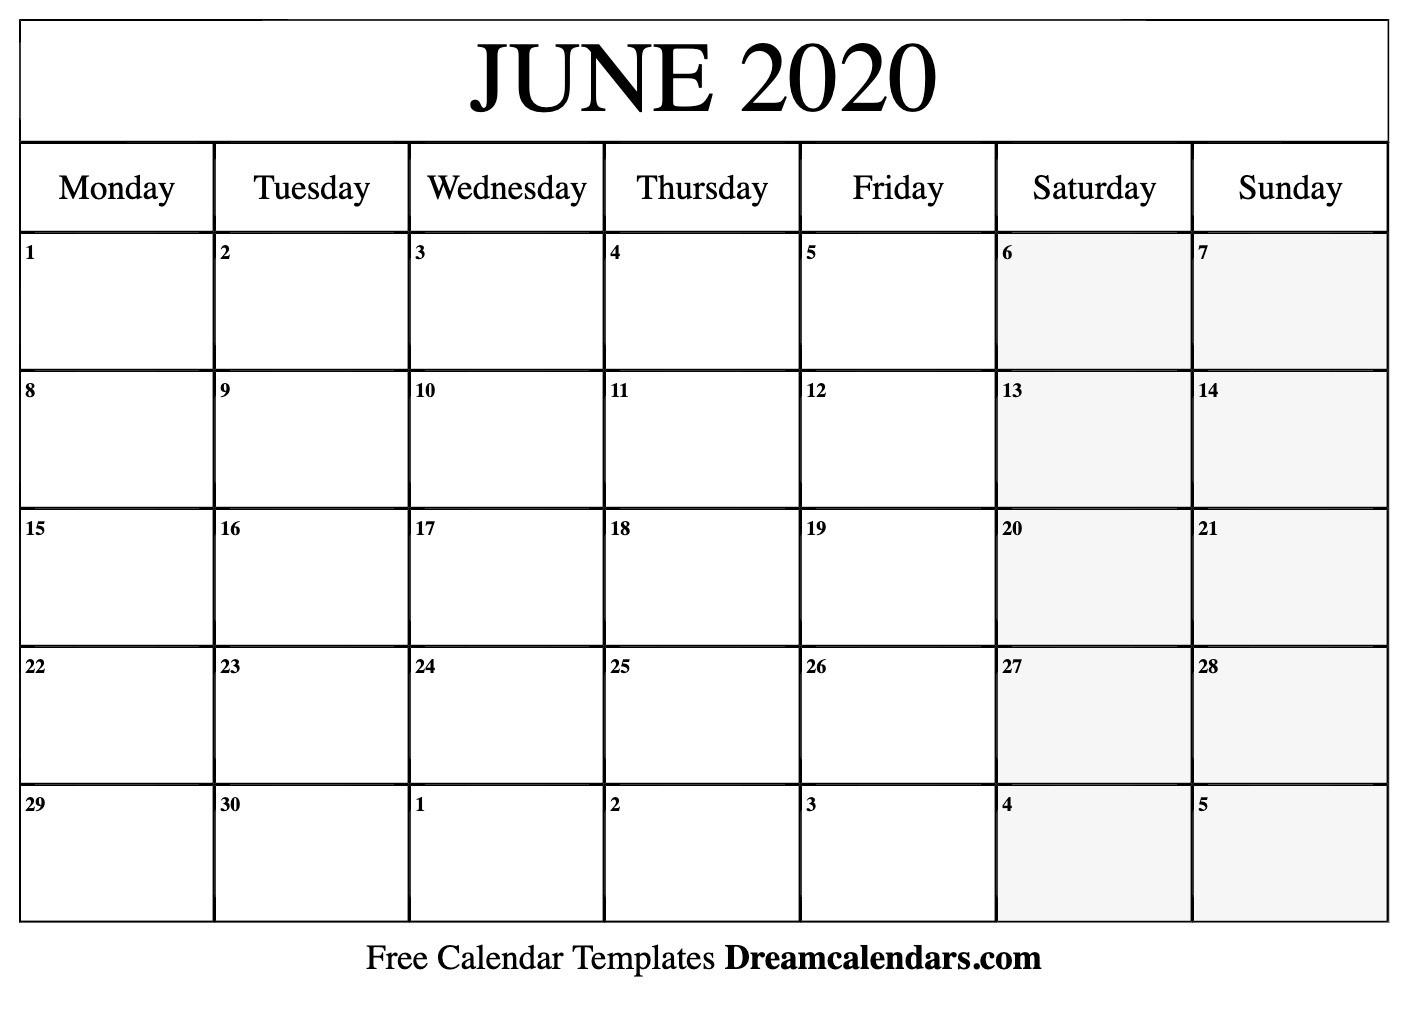 June Monthly Calendar 2020 - Wpa.wpart.co-Monthly June 2020 Calendar